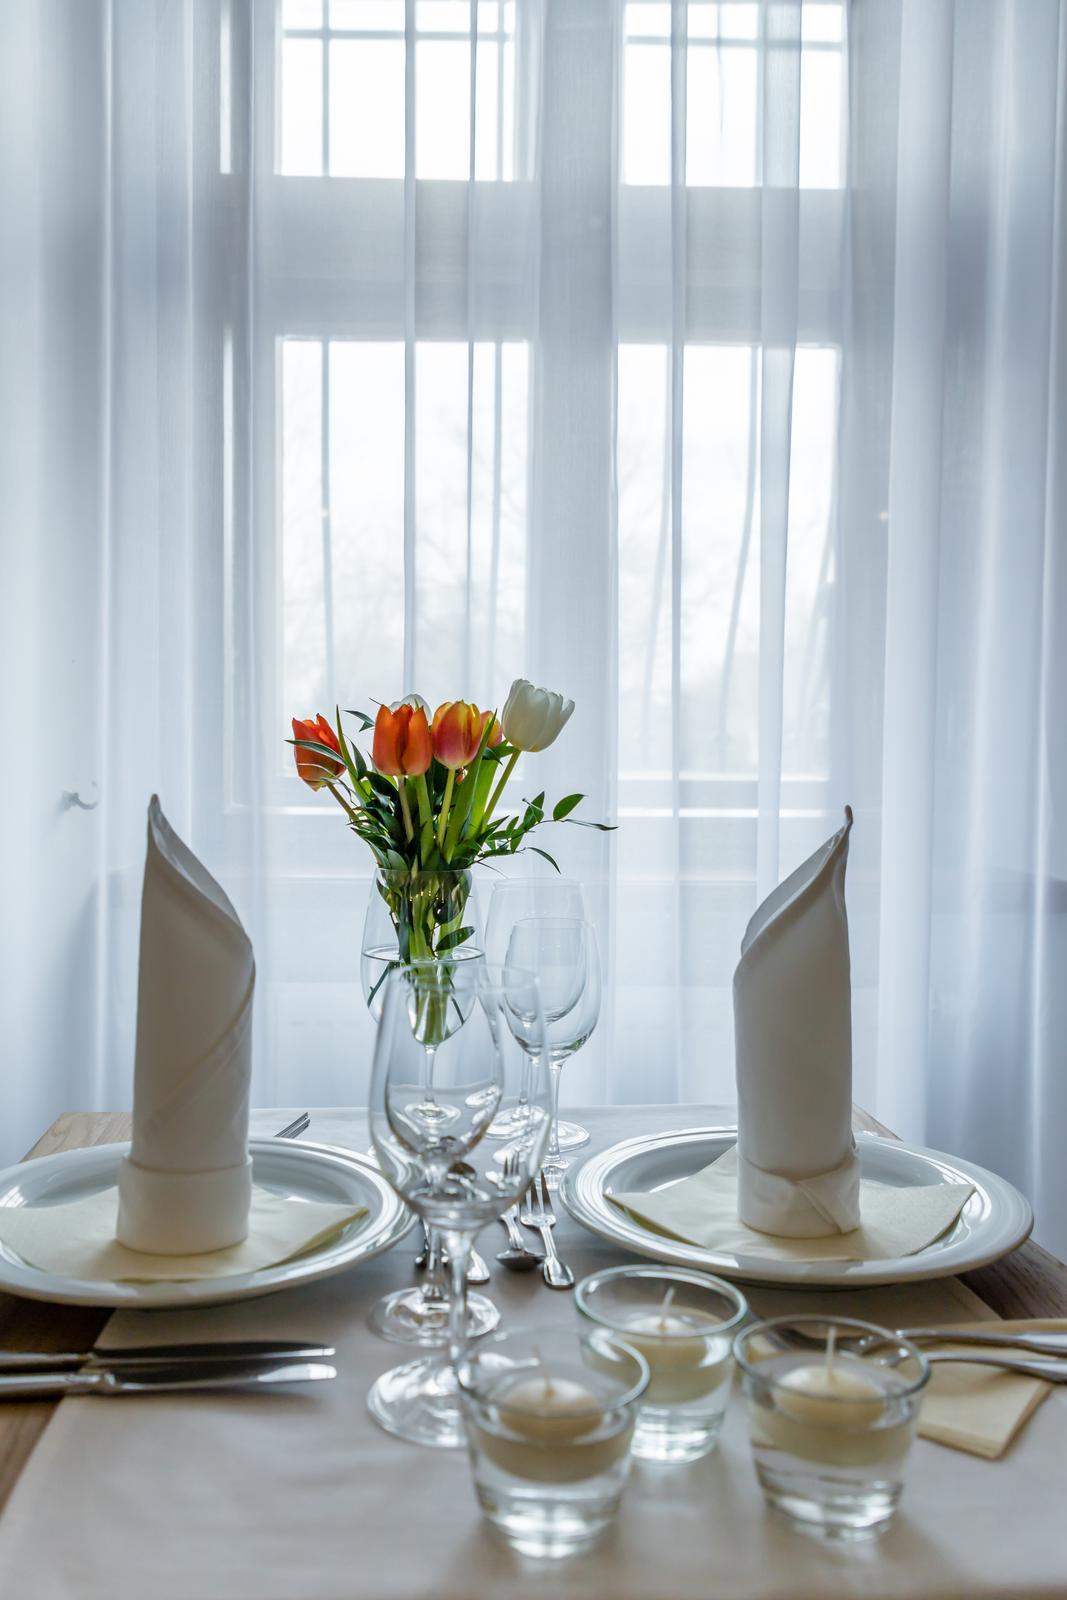 Vynovený interiér - Foto: www.kalman.eu. Realizácia: www.castel.sk